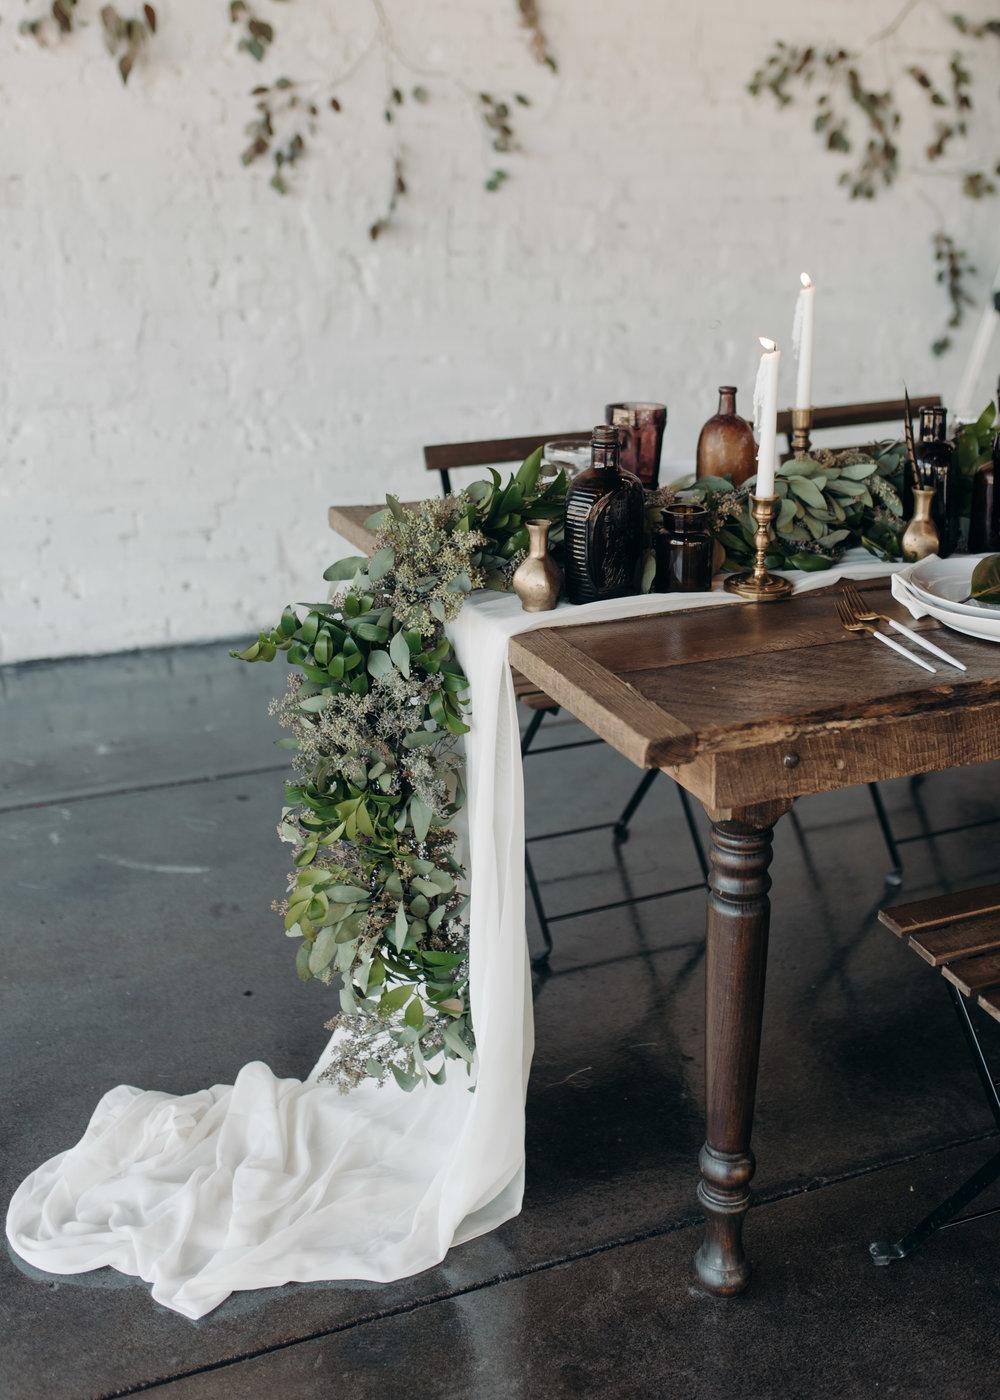 haus-820-lakeland-florida-styled-bridal-shoot-french-minimalism-orlando-wedding-photography-fox-and-film-91.jpg